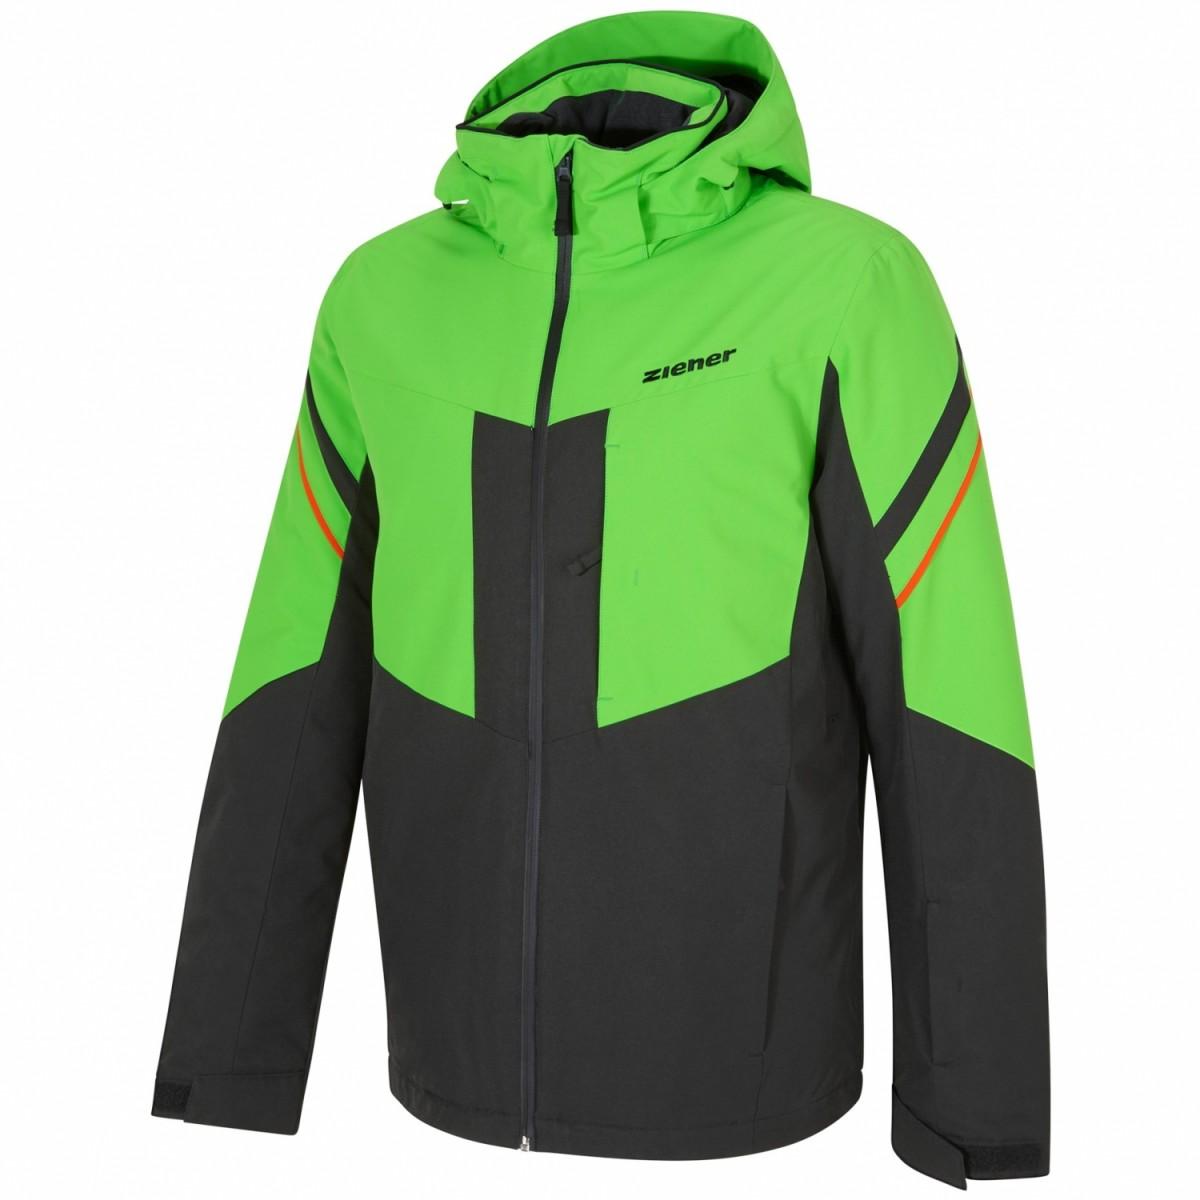 Ziener Pomoka Ski Jacket